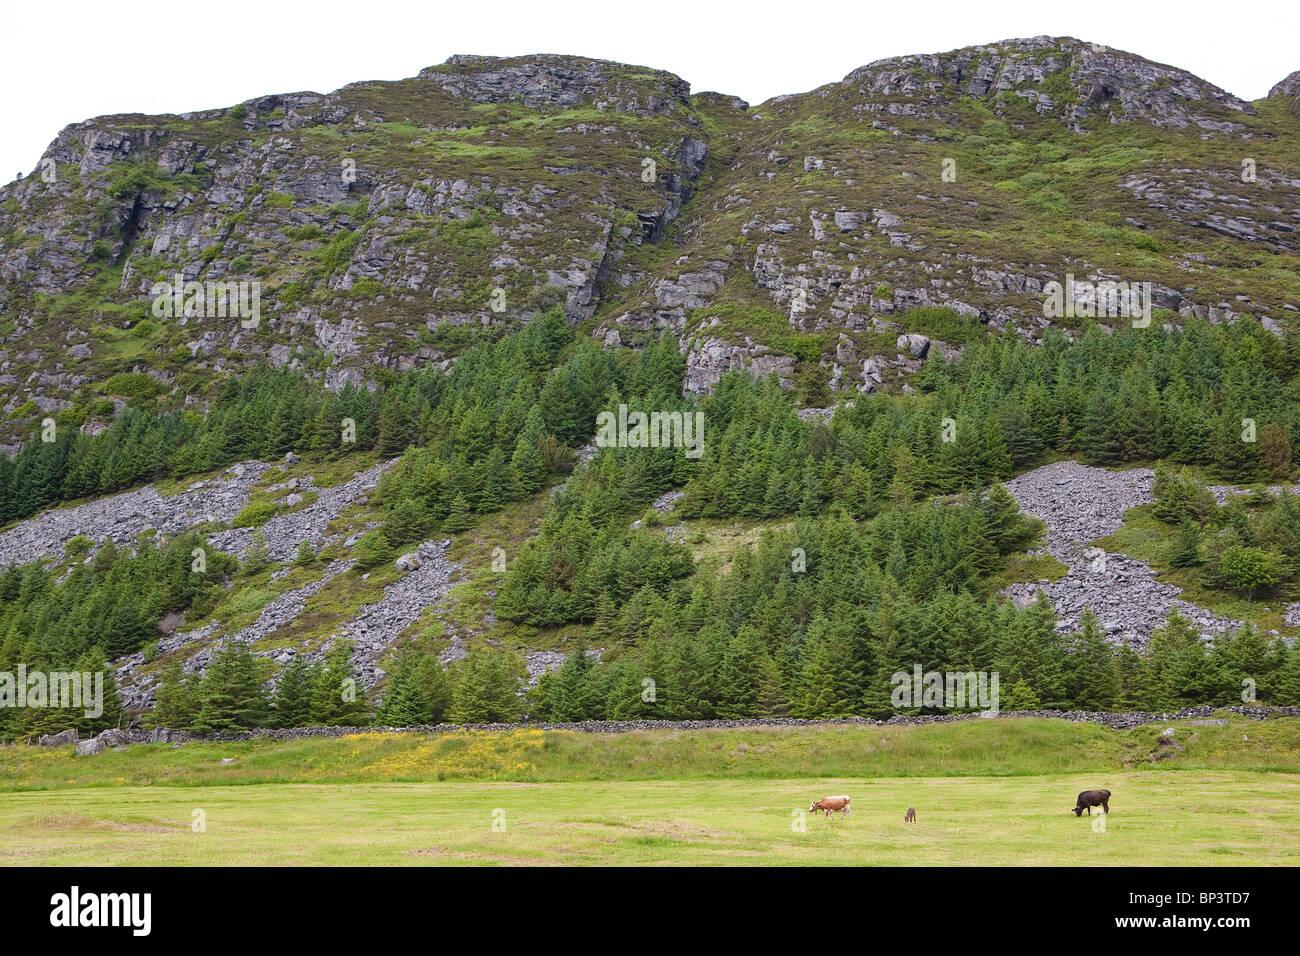 Le bétail de l'espèce Vestlandsk Fjordfe à champs herbeux sur l'île de Runde, sur la Photo Stock